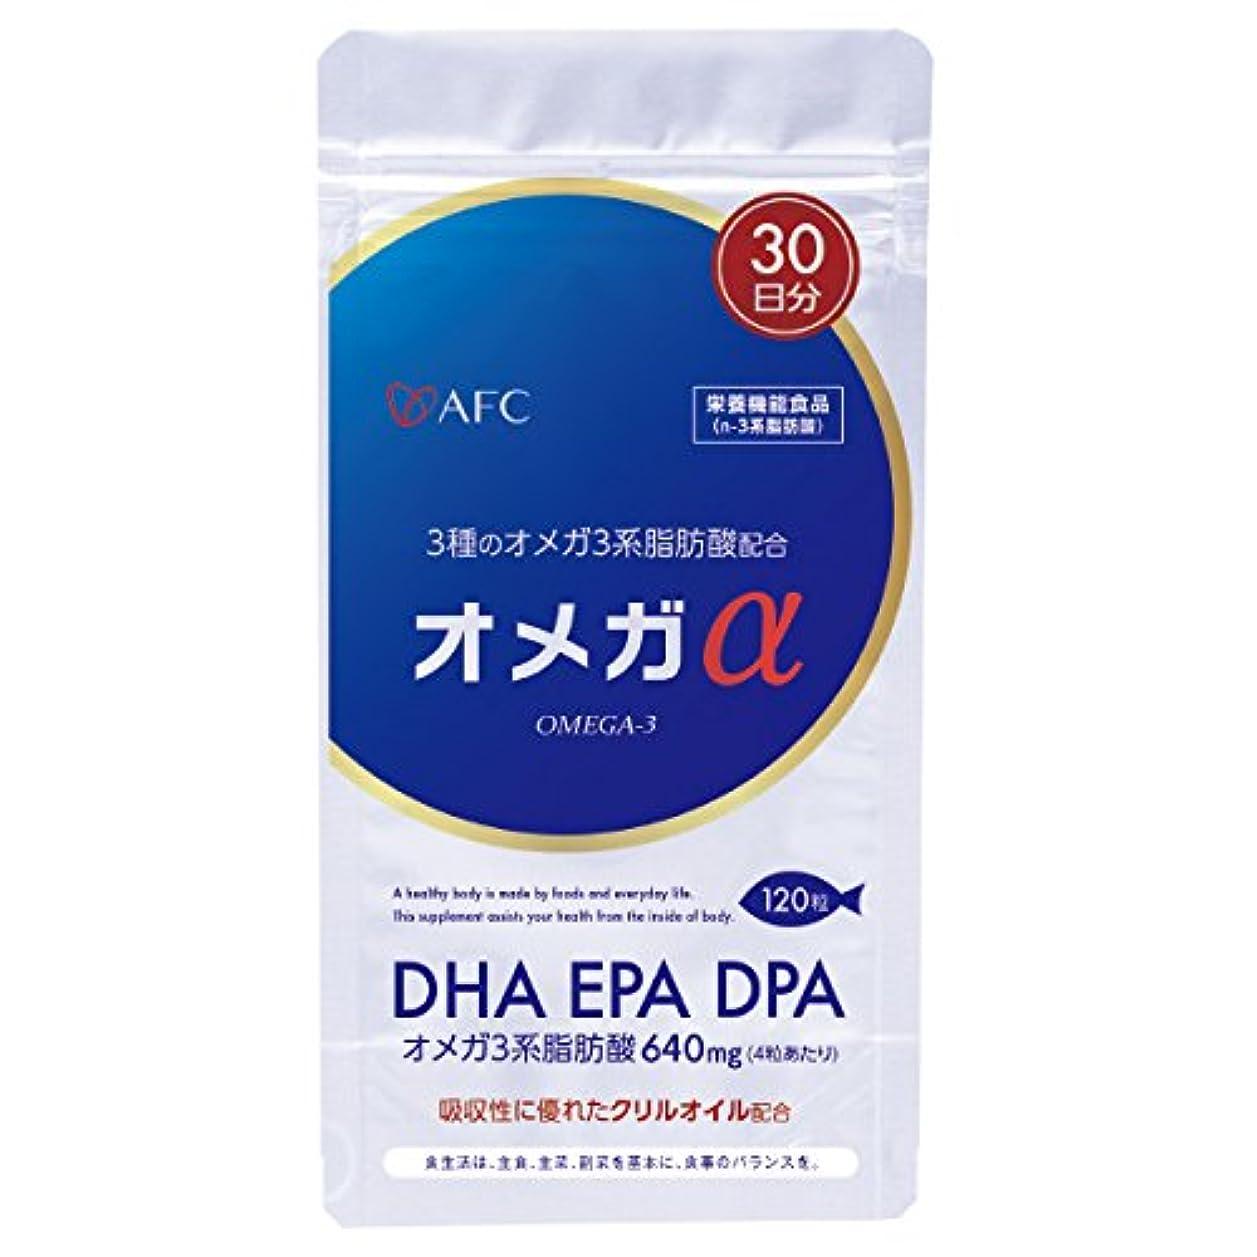 凝縮する奪うチャーター【AFC公式ショップ】30日分 オメガスリー オメガα (オメガ アルファ) ソフトカプセル DHA DPA EPA クリルオイル